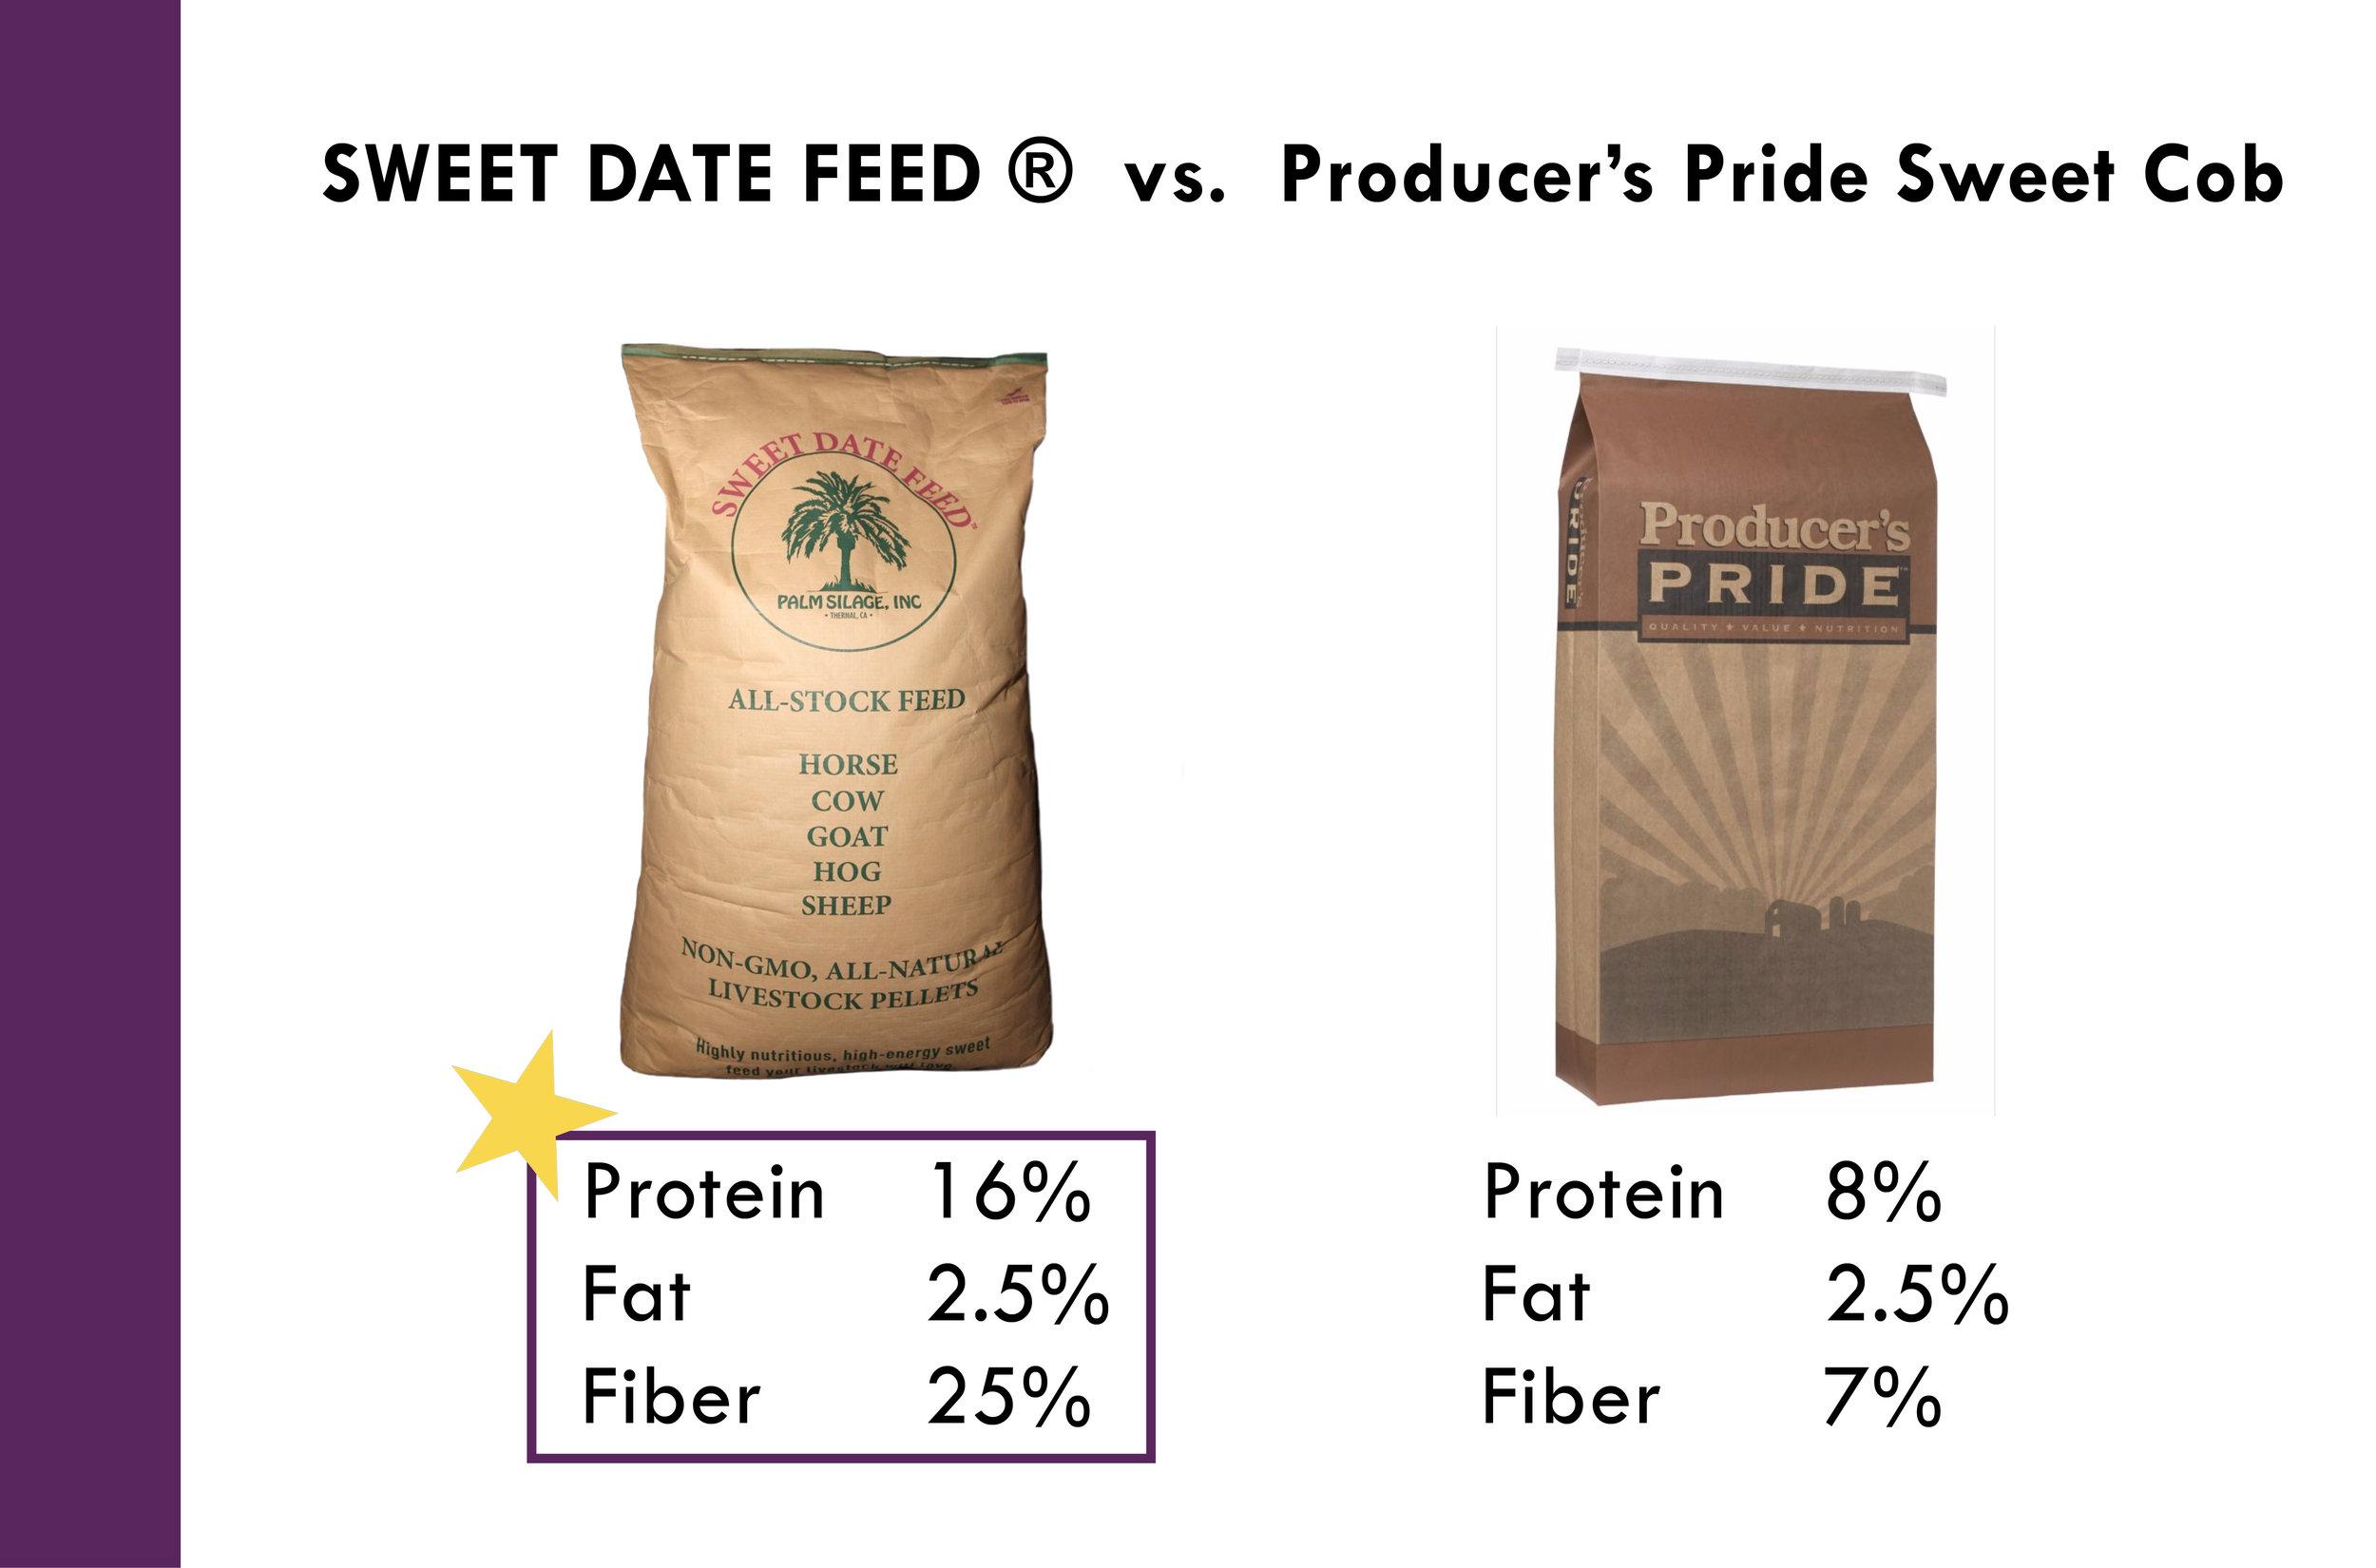 Why Sweet Date Feed_Palm Silage, Inc. 10-11-172.jpg